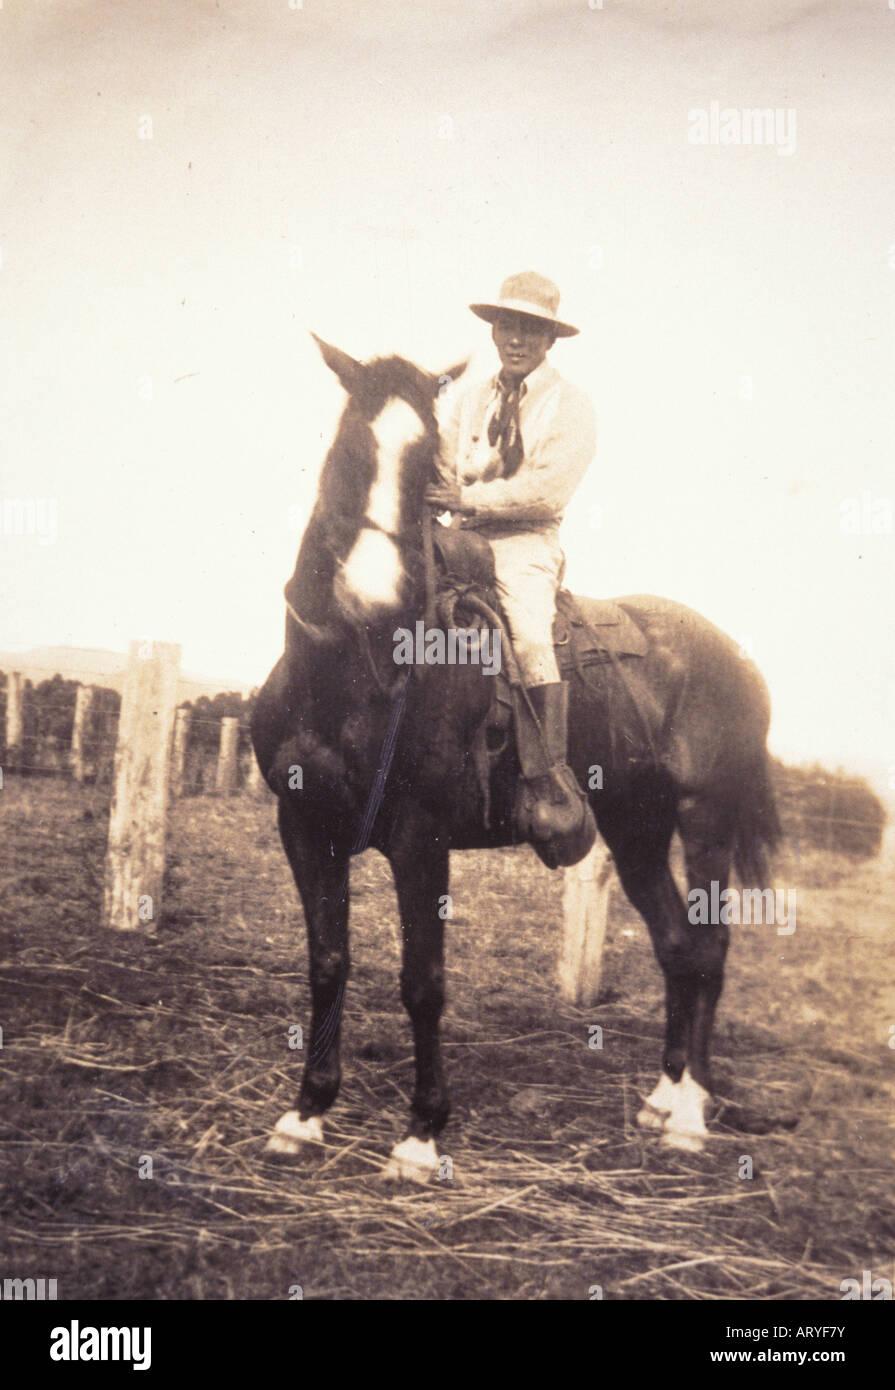 Archiv Foto von Yutaka Kimura, der ìWaimea Cowboy, Î auf dem Pferderücken Stockbild